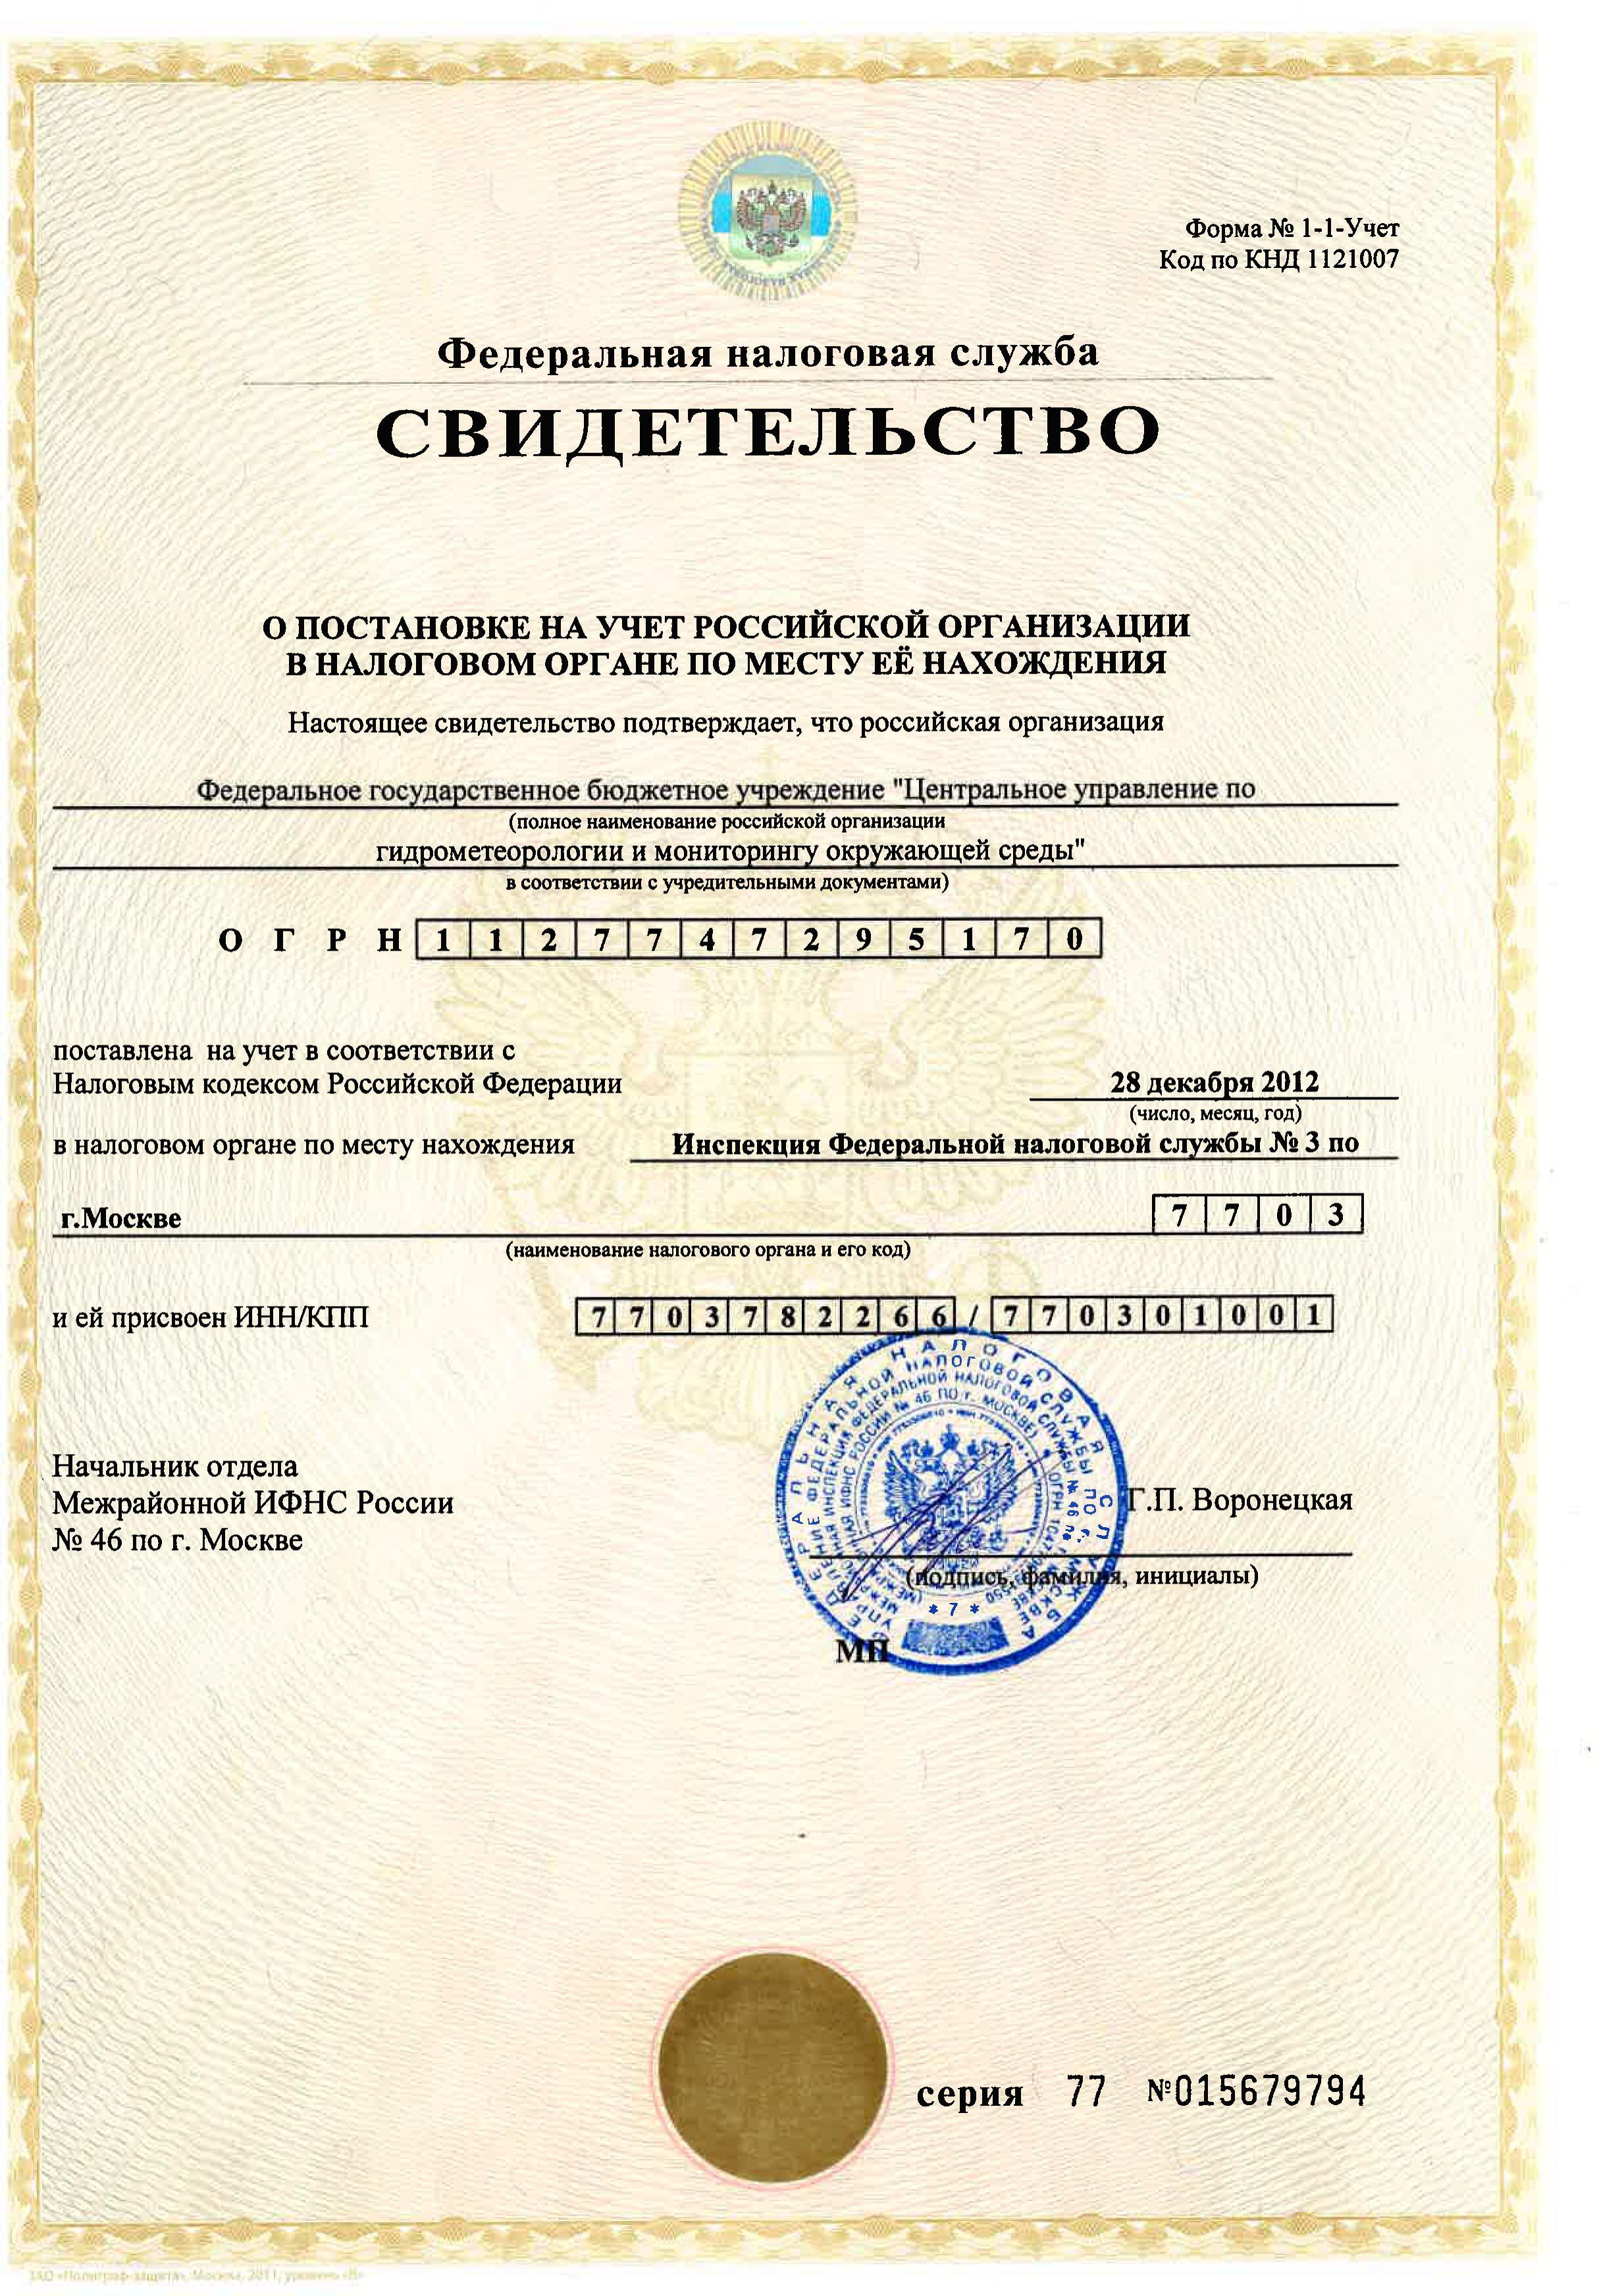 Справка в бассейн купить в Москве Ивановское тверская